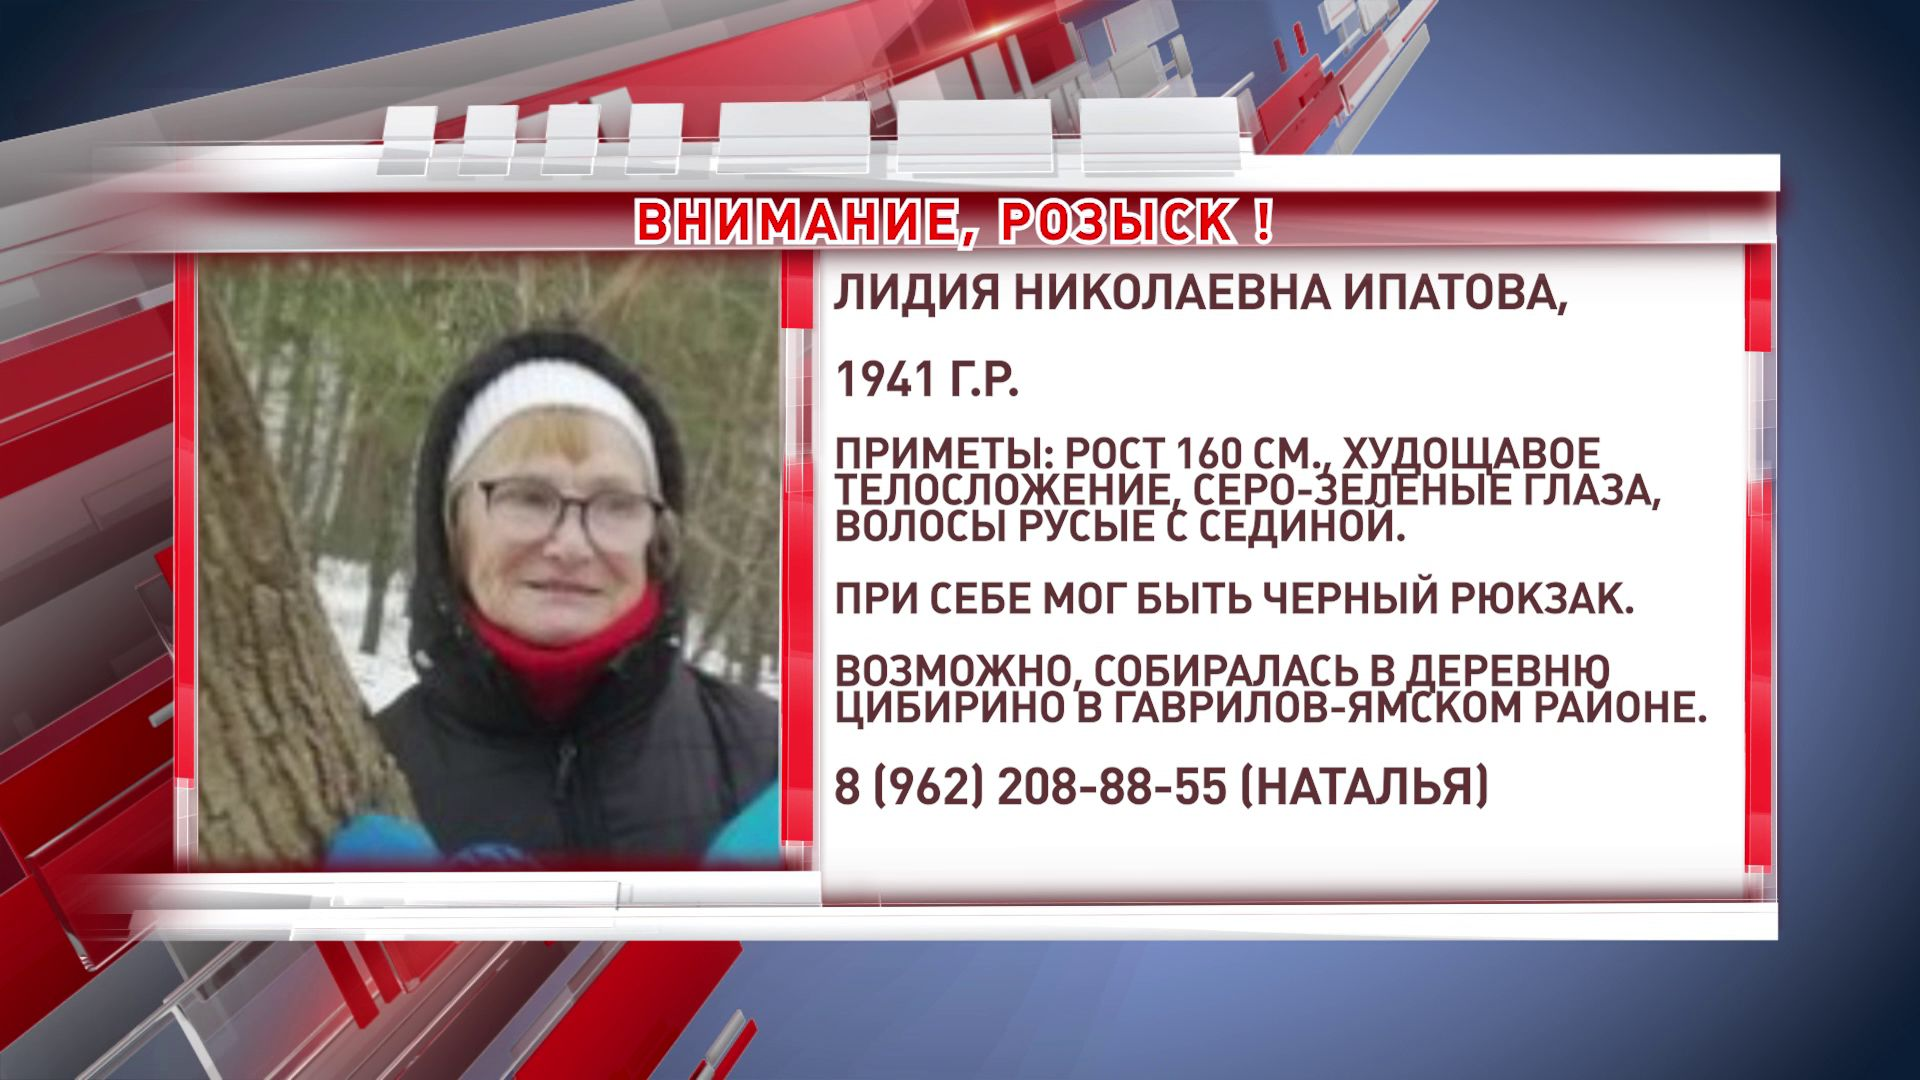 Пропала женщина: 79-летняя пенсионерка не доехала до Гаврилов-Ямского района